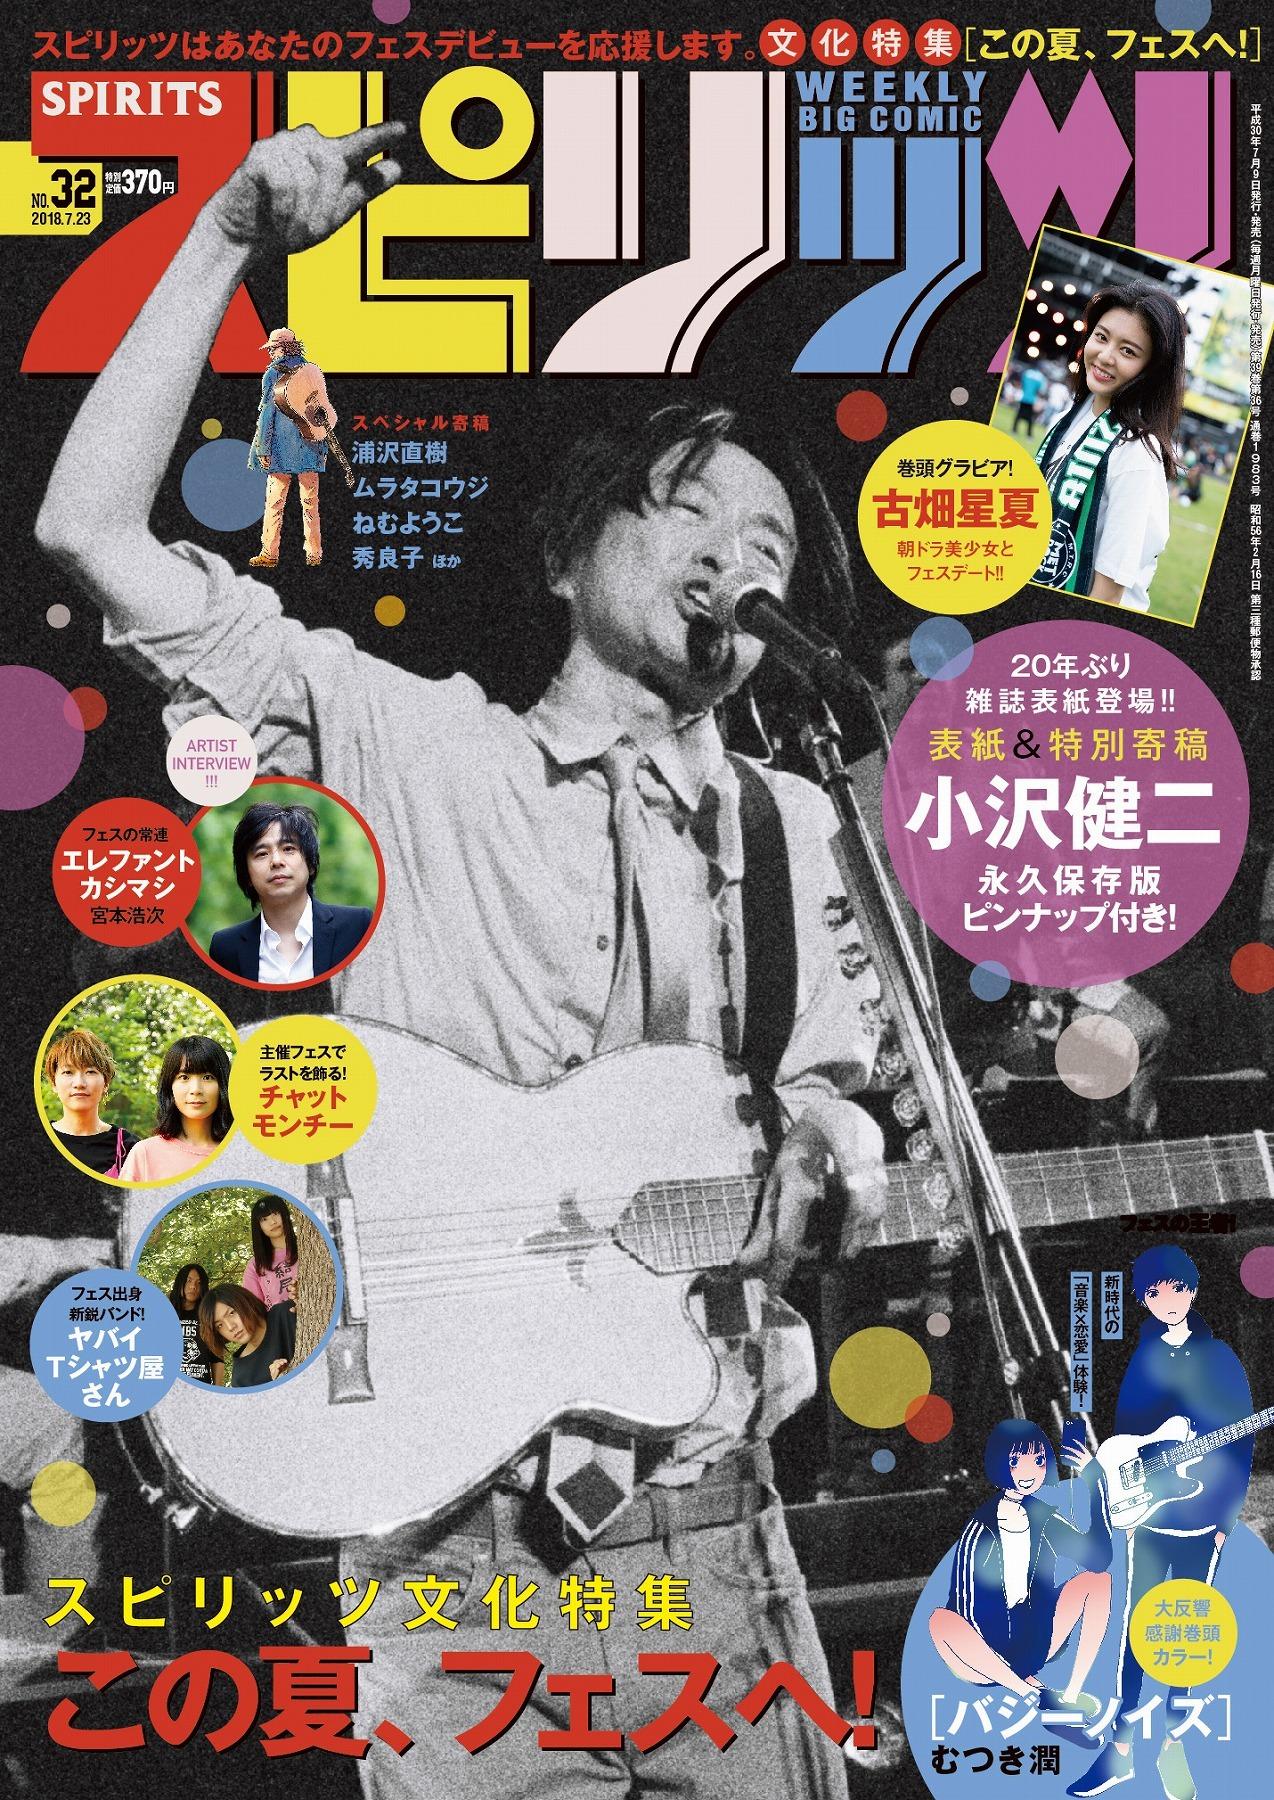 「週刊ビッグコミックスピリッツ」32号 小沢健二